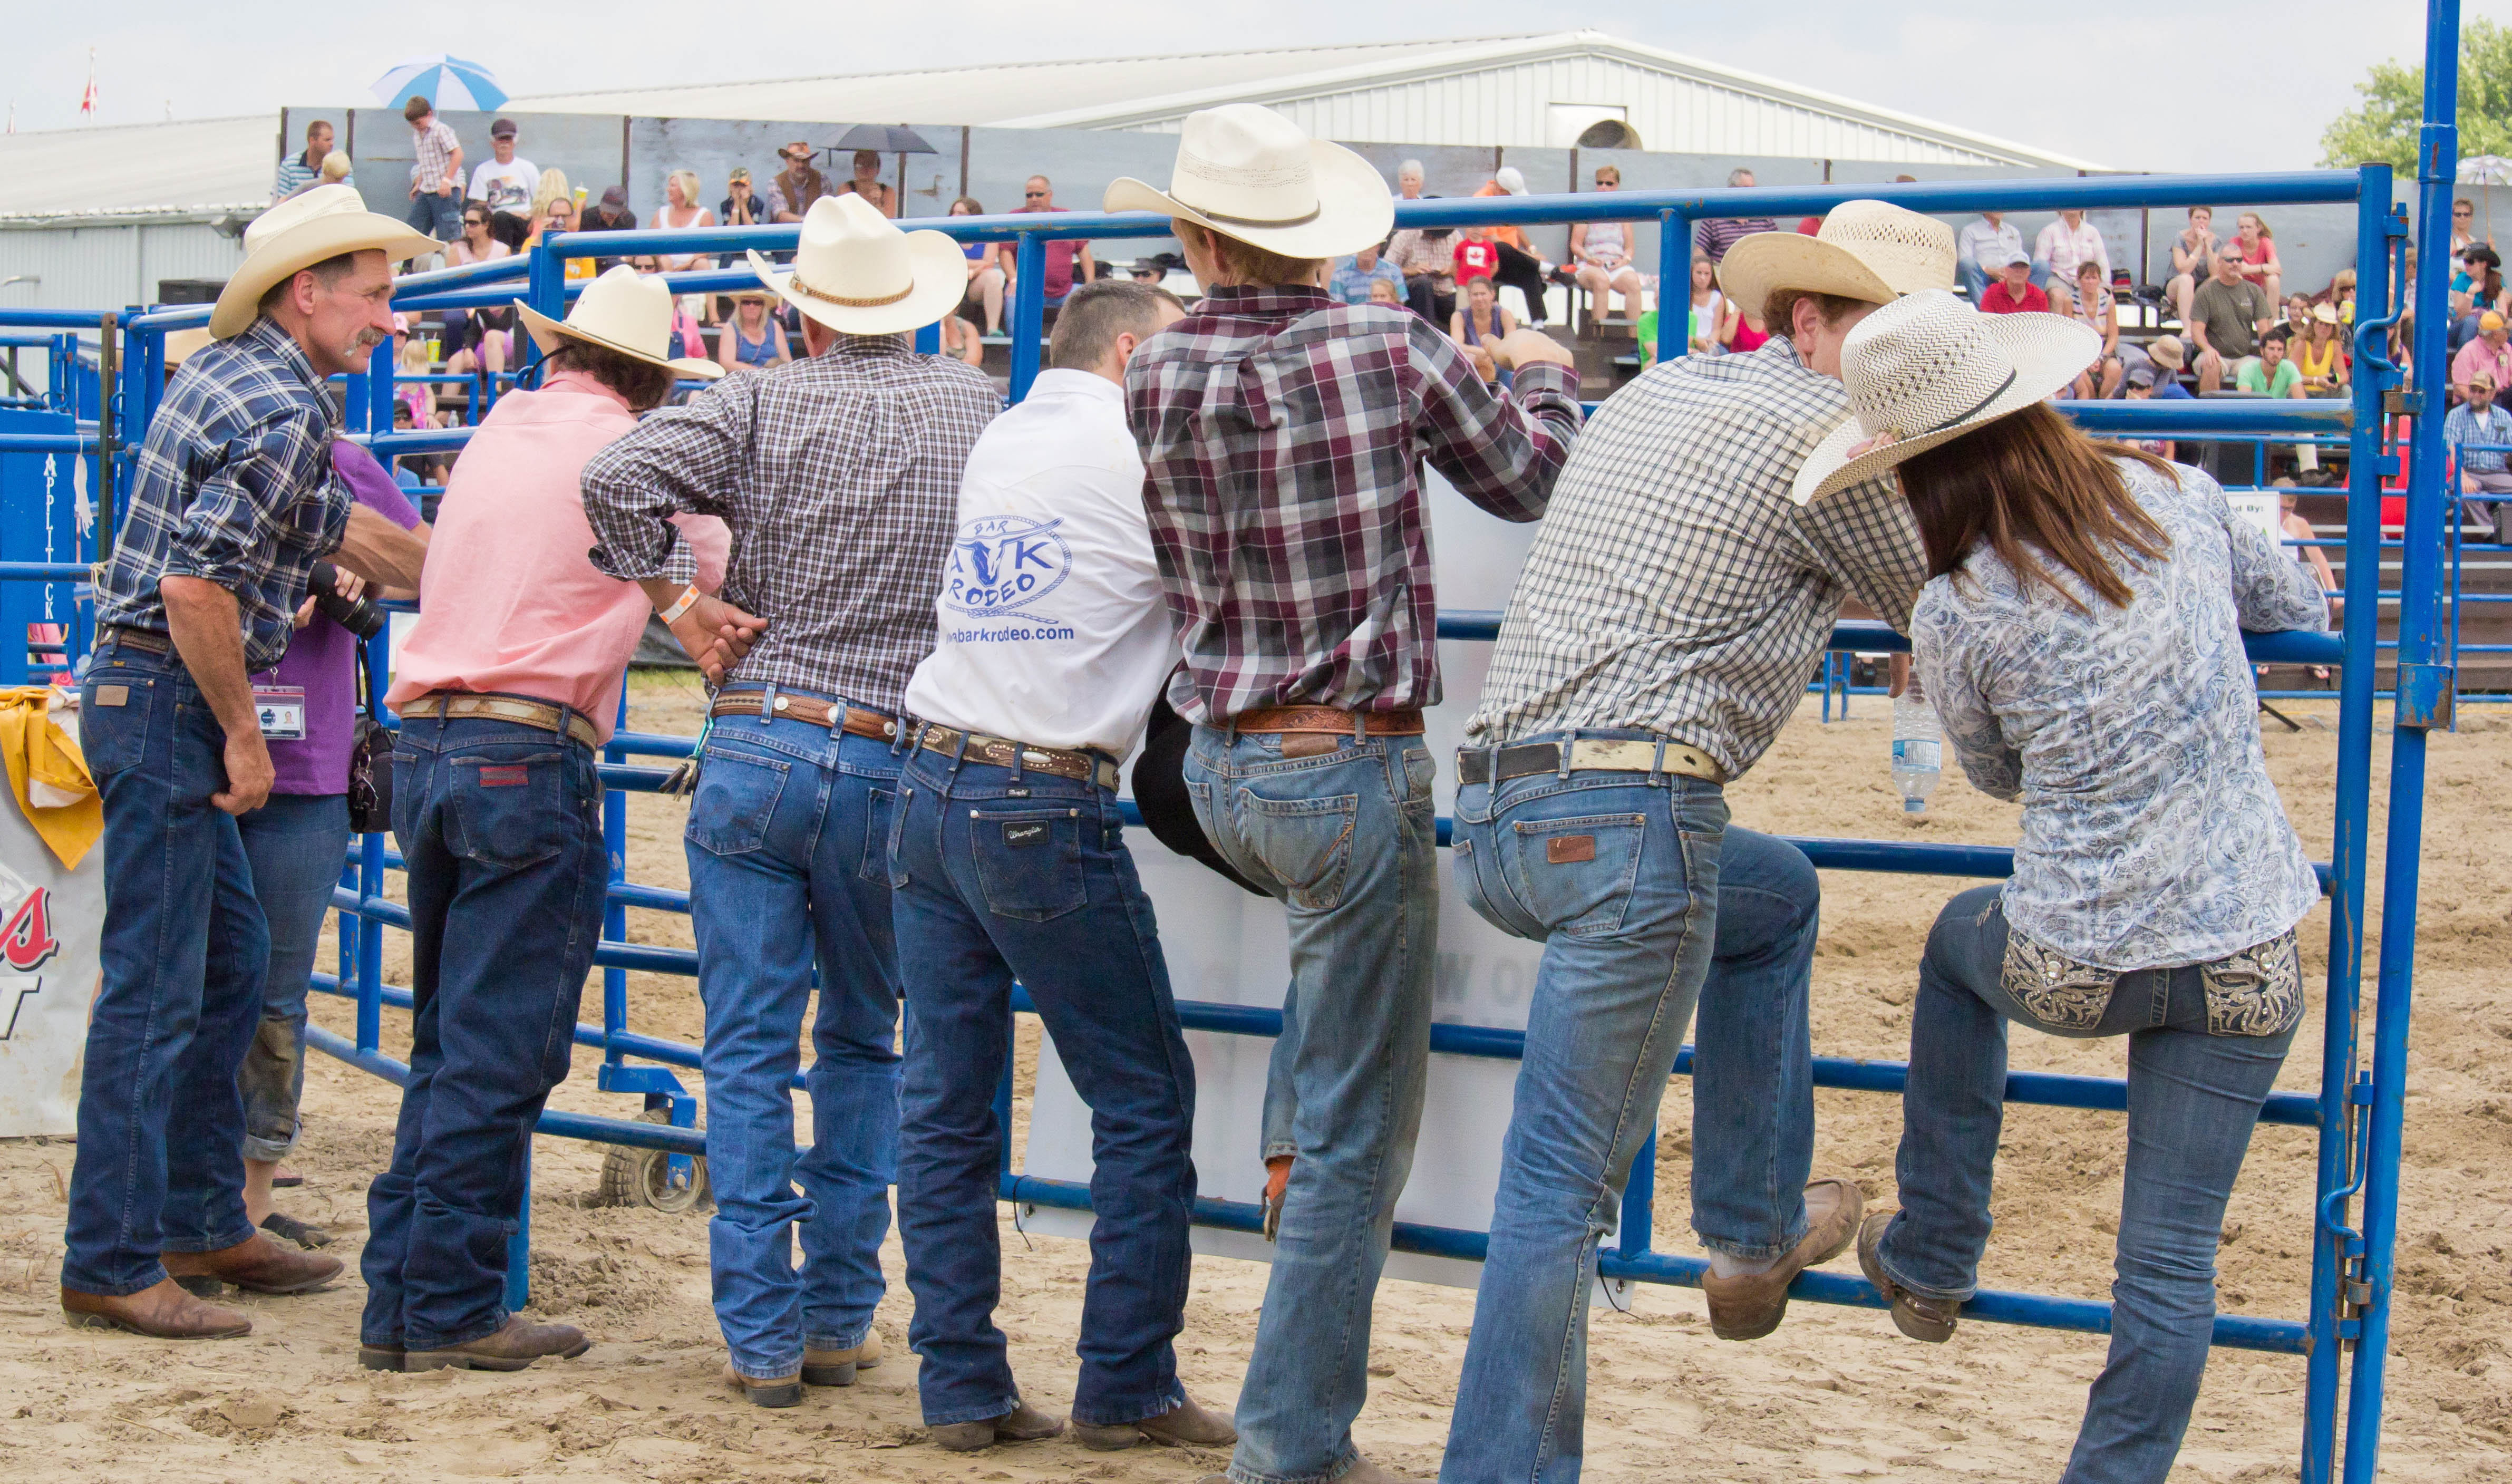 Texas Cowboys On Horseback At Fast Food Pickup